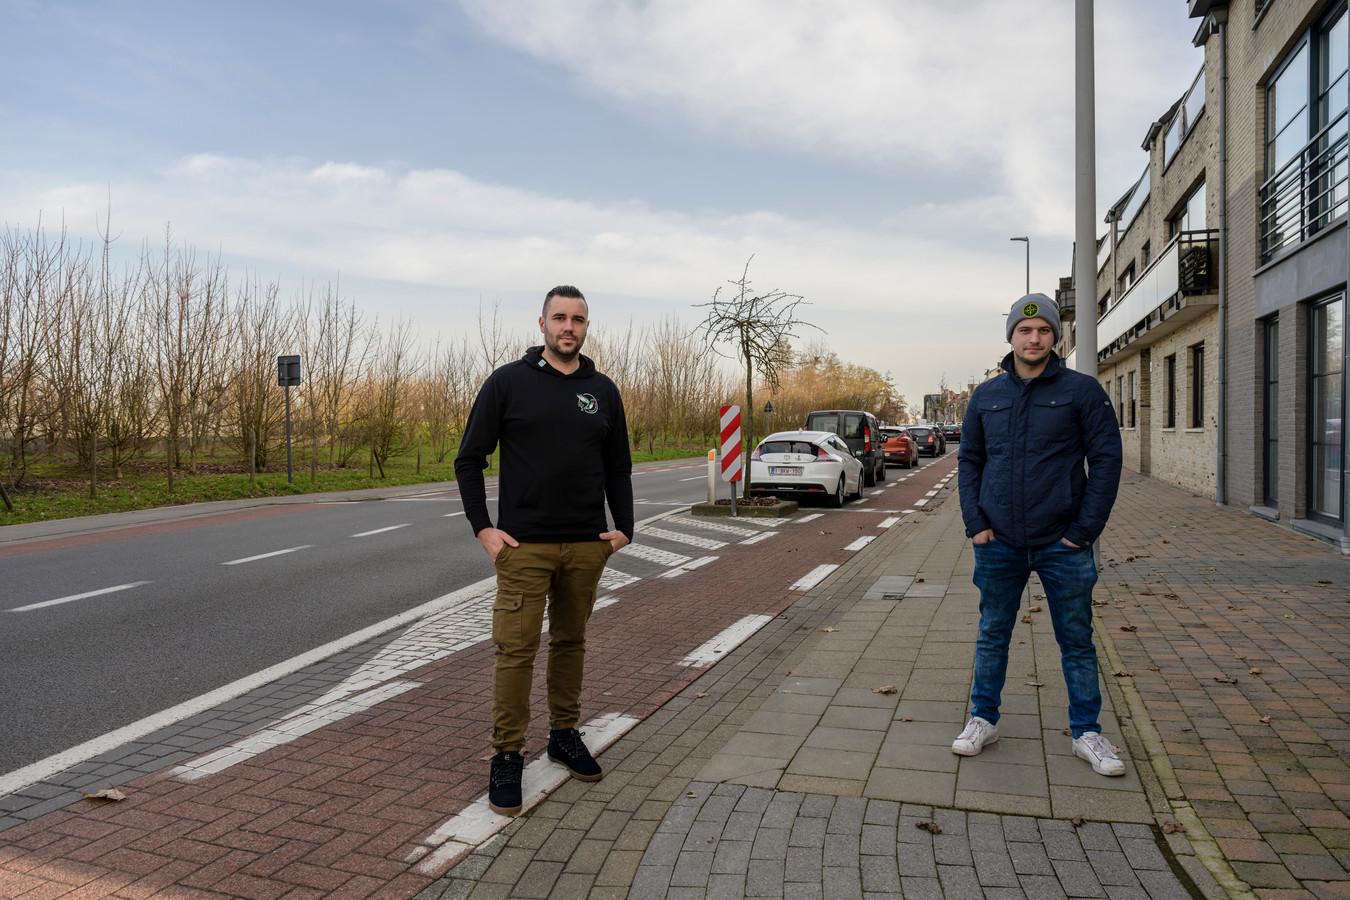 """Jordy Van Praet en David Mariën werkten een plan uit om de parkeerdruk in de omgeving van Kier op te lossen. """"Dat kan door aan de overzijde van de Sint-Ursmarusstraat een extra parkeerstrook te voorzien"""", zeggen ze."""